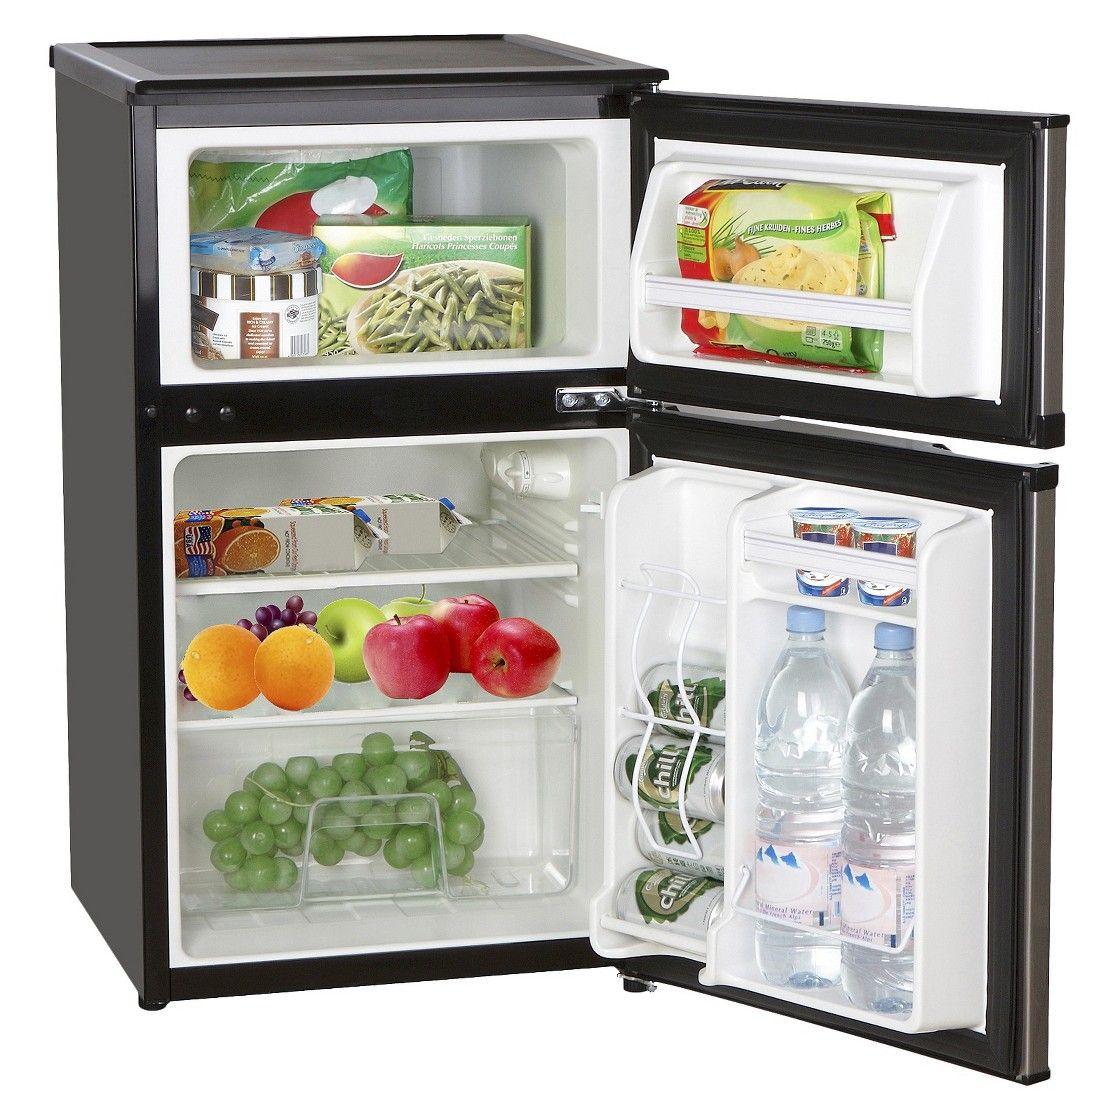 Emerson 3 1 Cu Ft 2 Door Compact Fridge And Freezer